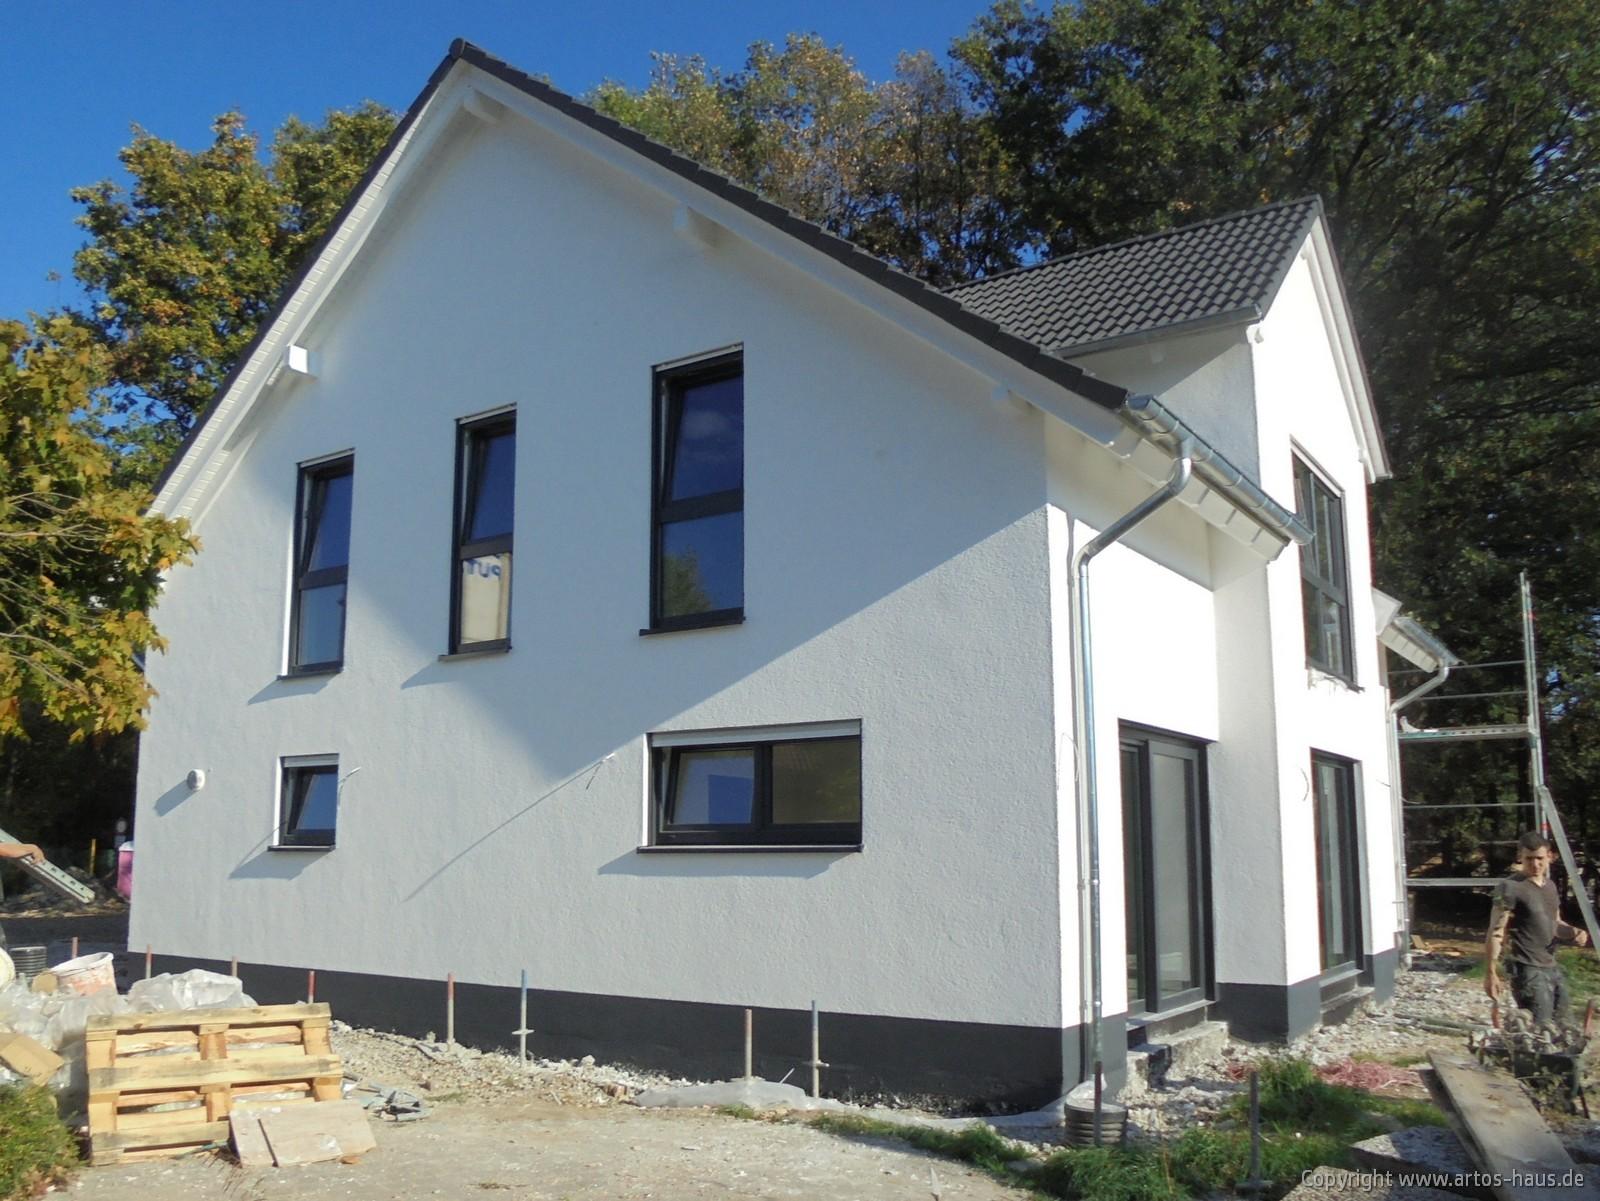 artos-haus-bv-einfamilienhaus-ruppichteroth-30